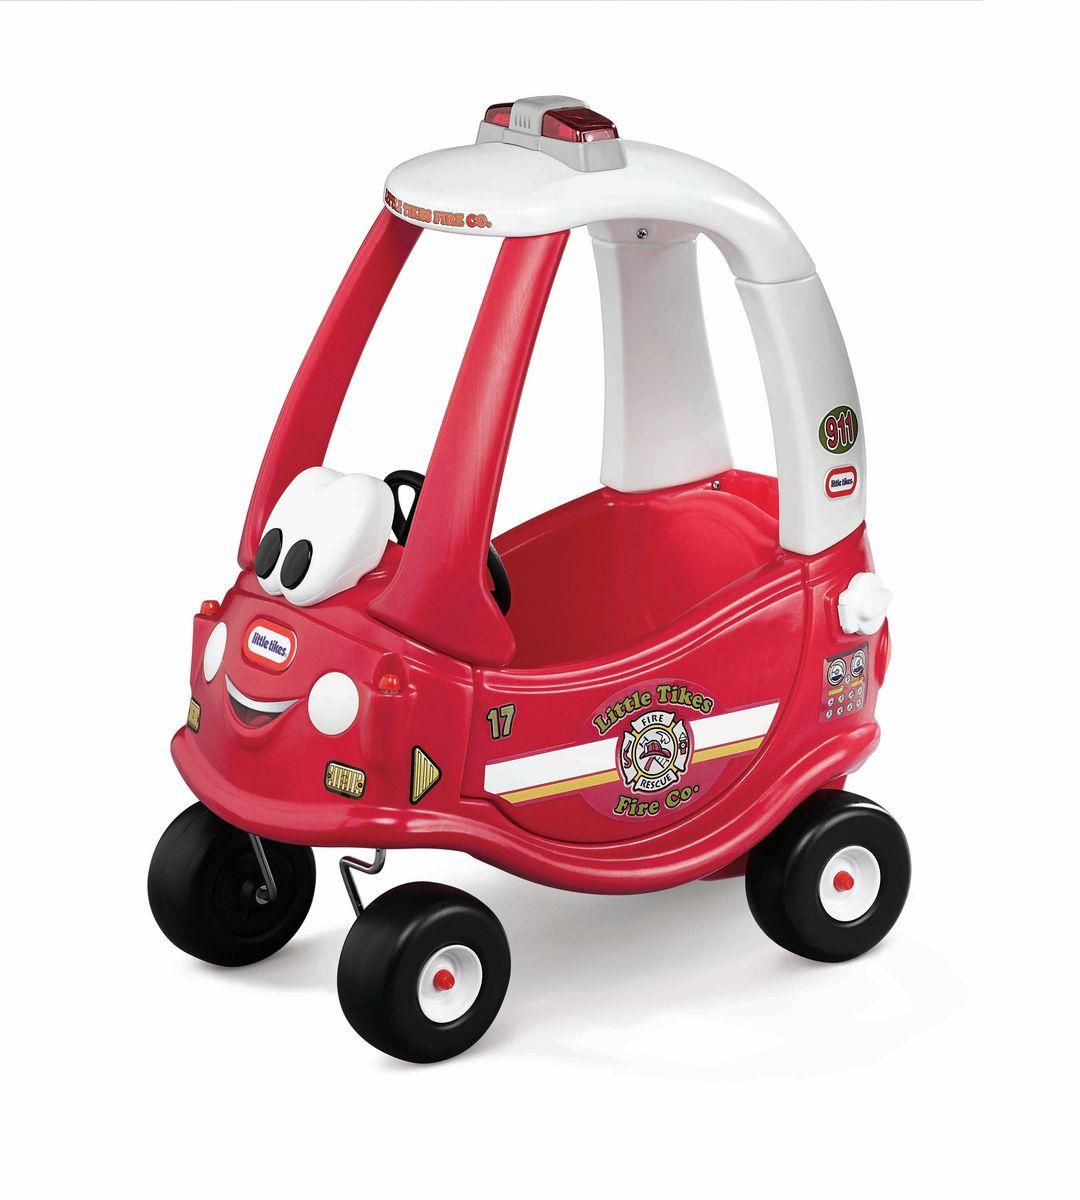 Little Tikes Каталка Пожарная машина цвет красный17250218 мес. + Легендарная Каталка от Little Tikes расширяется новыми яркими и забавными моделями. Рабочий сигнал. У каталки съемное днище. Ручка, с помощью которой родители контролируют движение также снимается. Высокая спинка сиденья. Место для хранения игрушек. Панель приборов с ключом зажигания. Прочные колеса и хорошее сцепление.